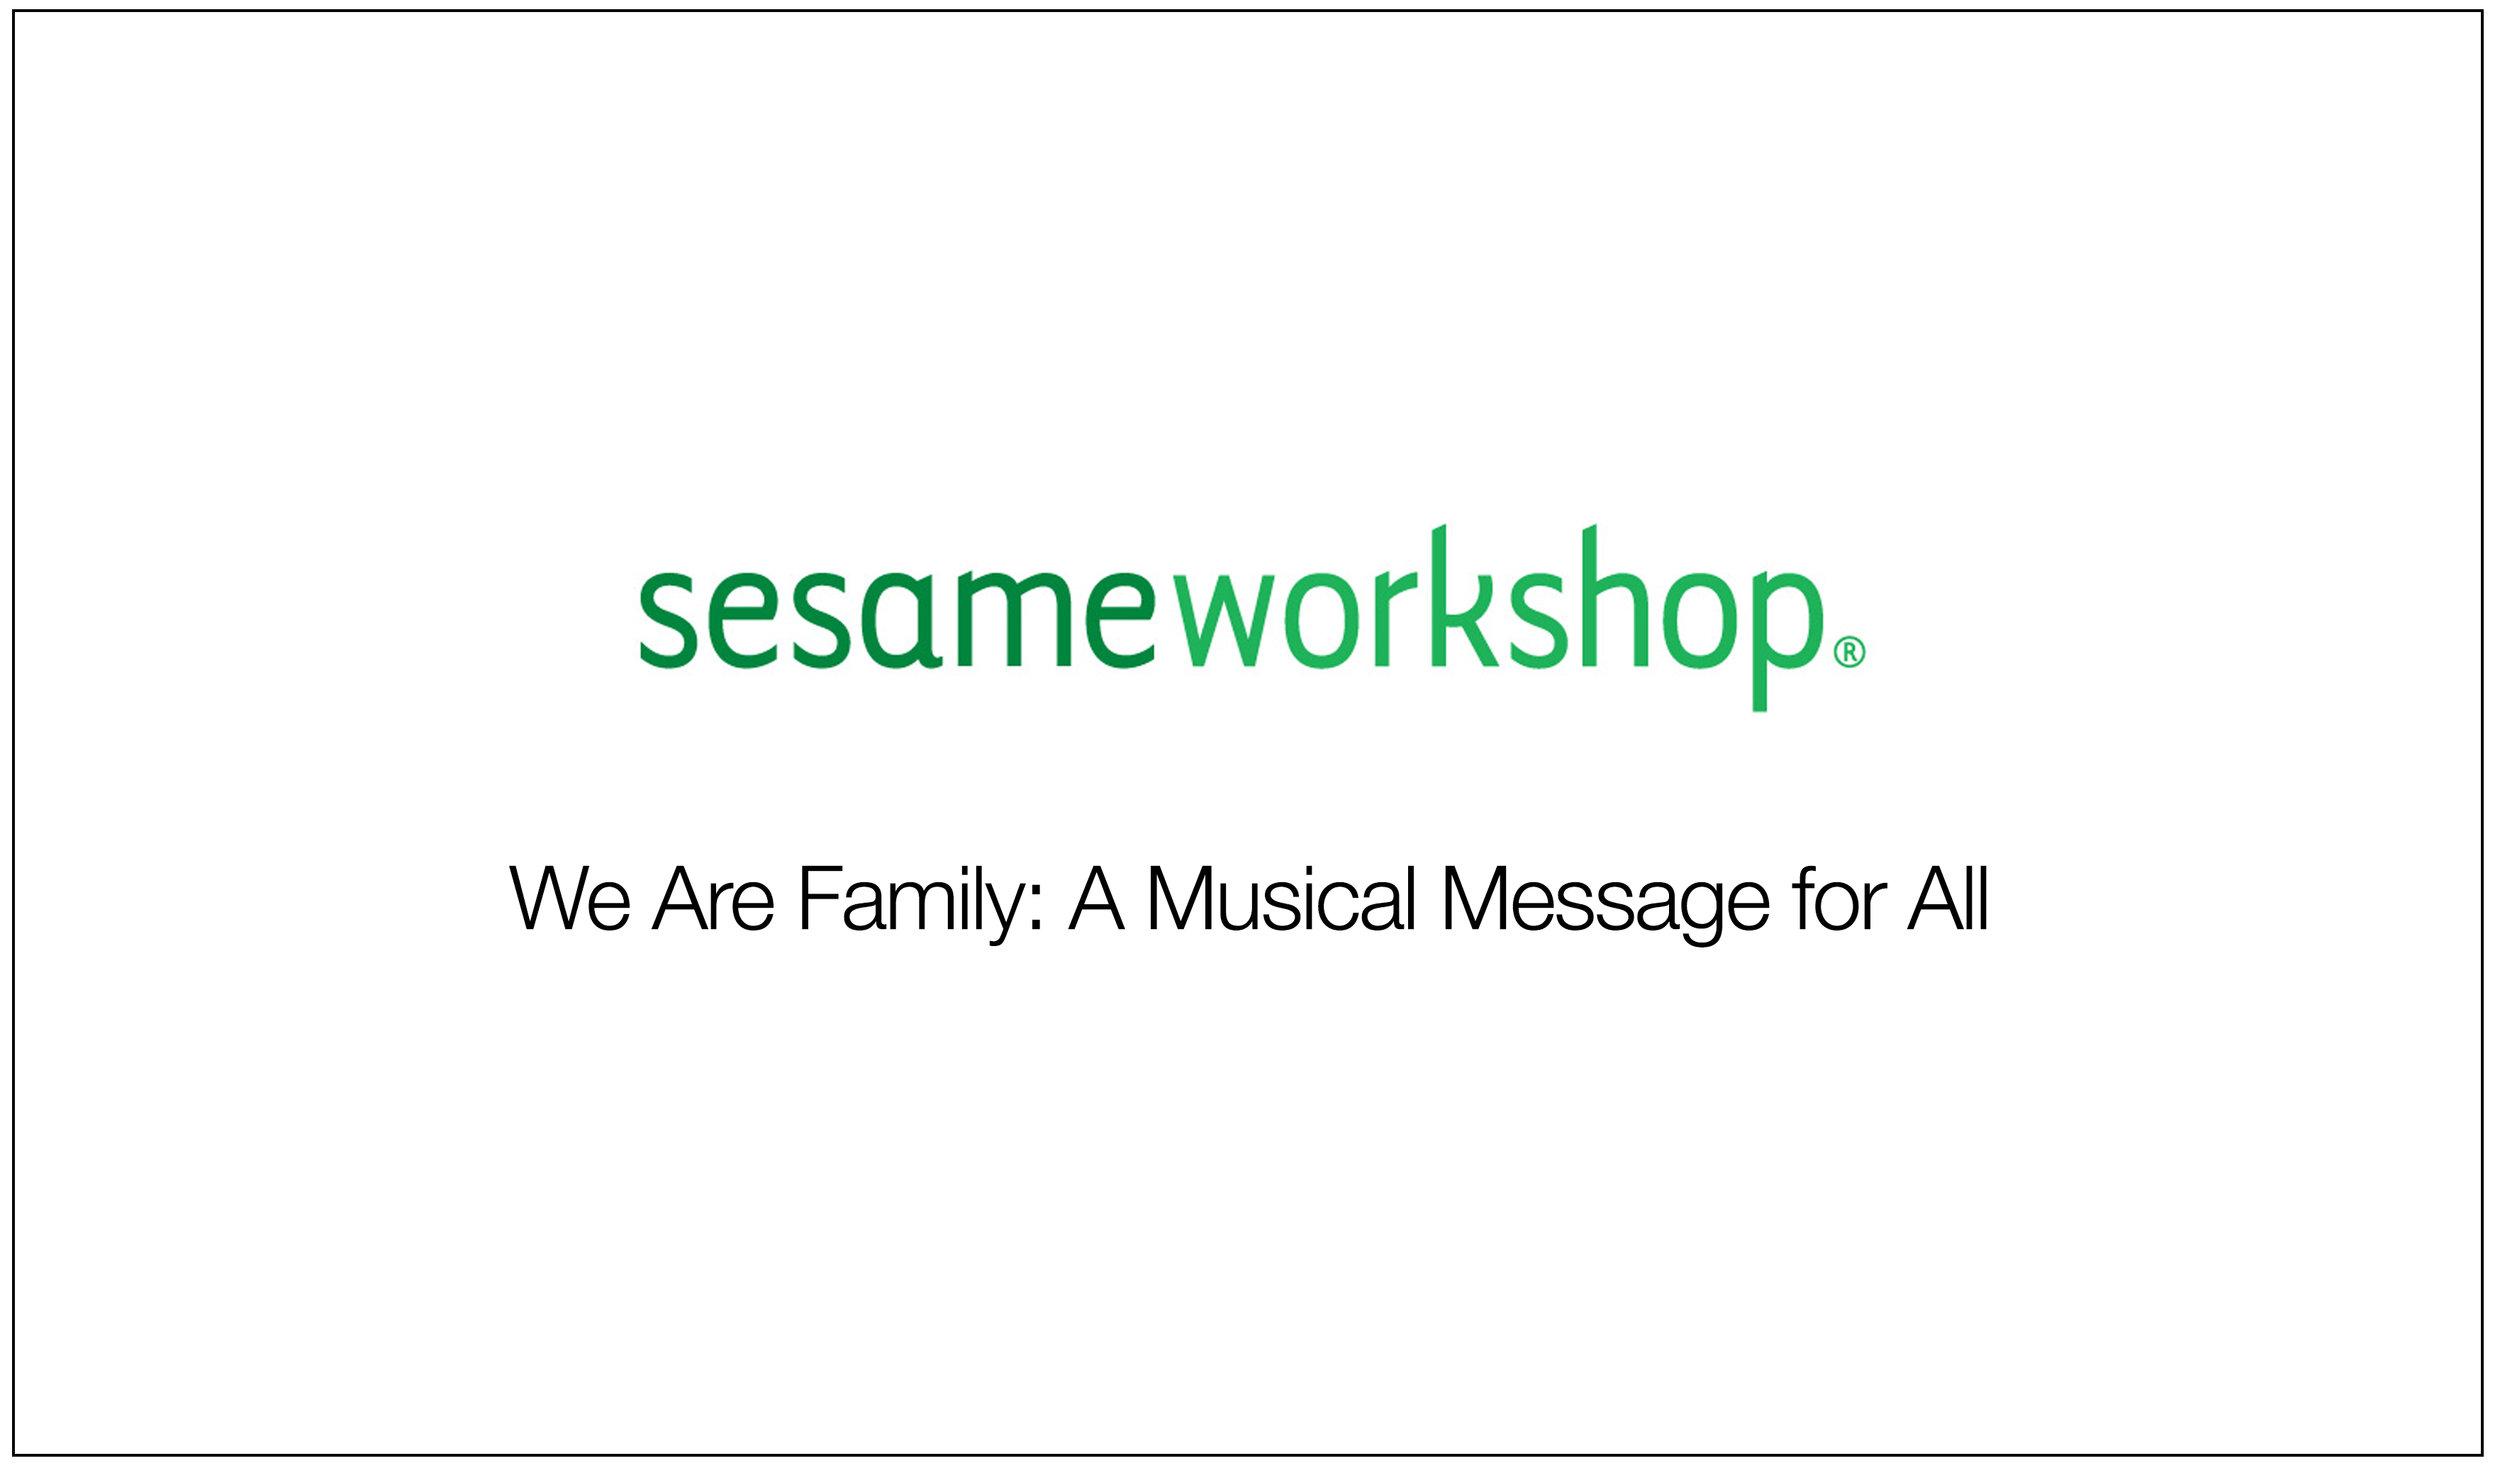 WAFFSite_Partner_SesameWorkshop.jpg